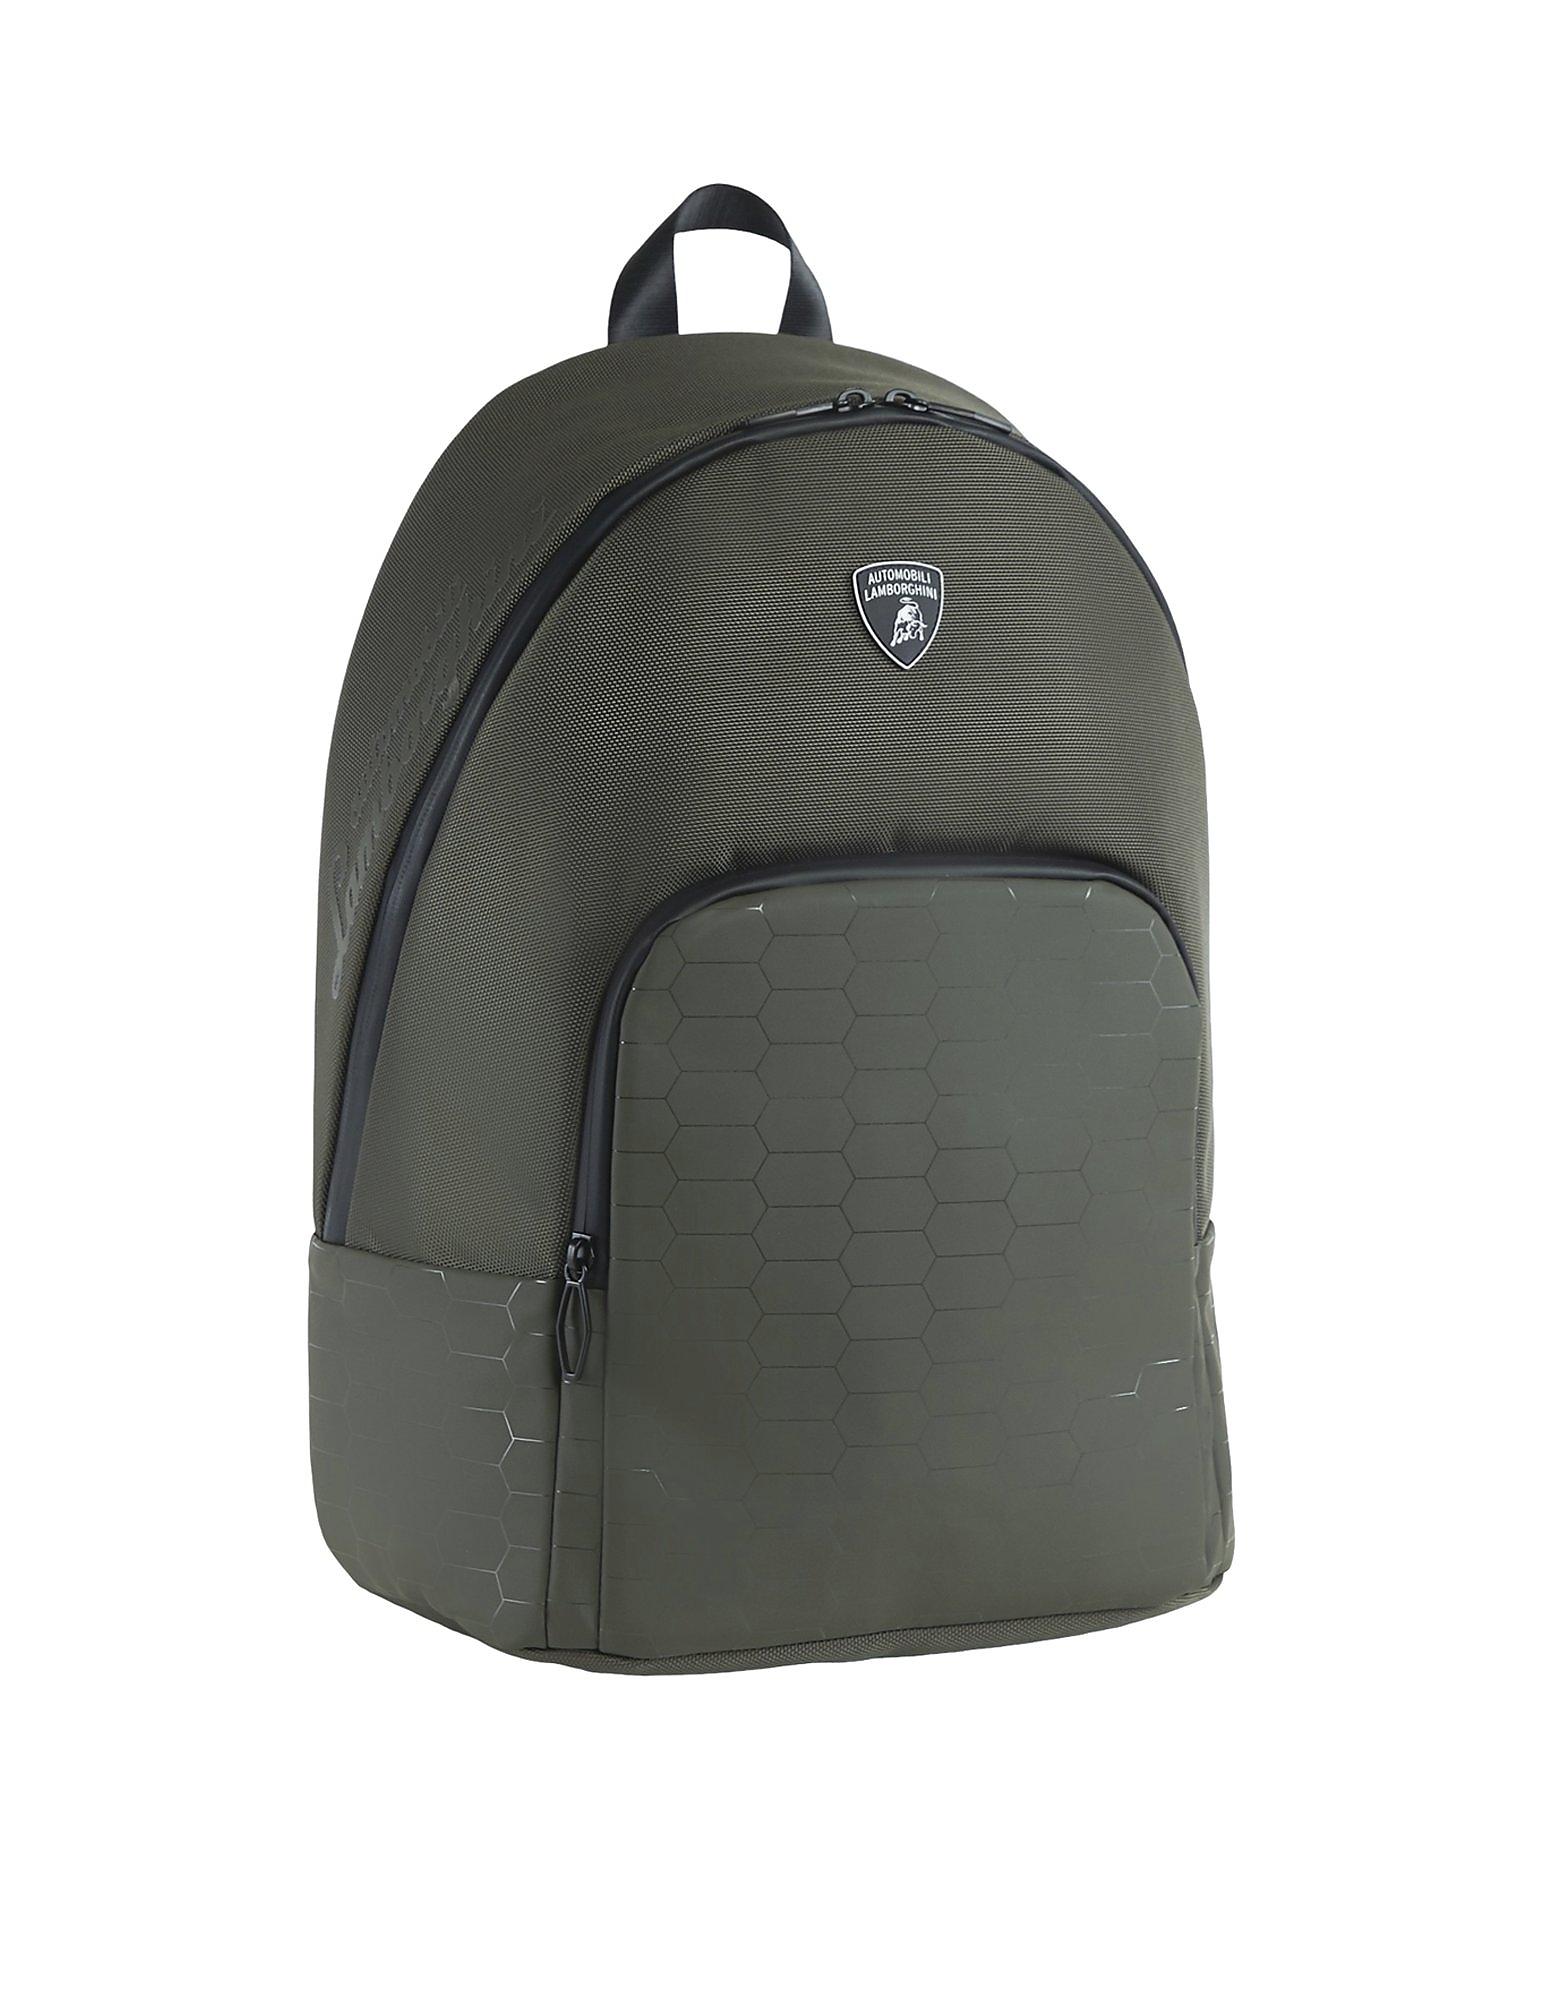 Lamborghini Automobili Designer Men's Bags, LMBG5 Green Nylon Men's Backpack